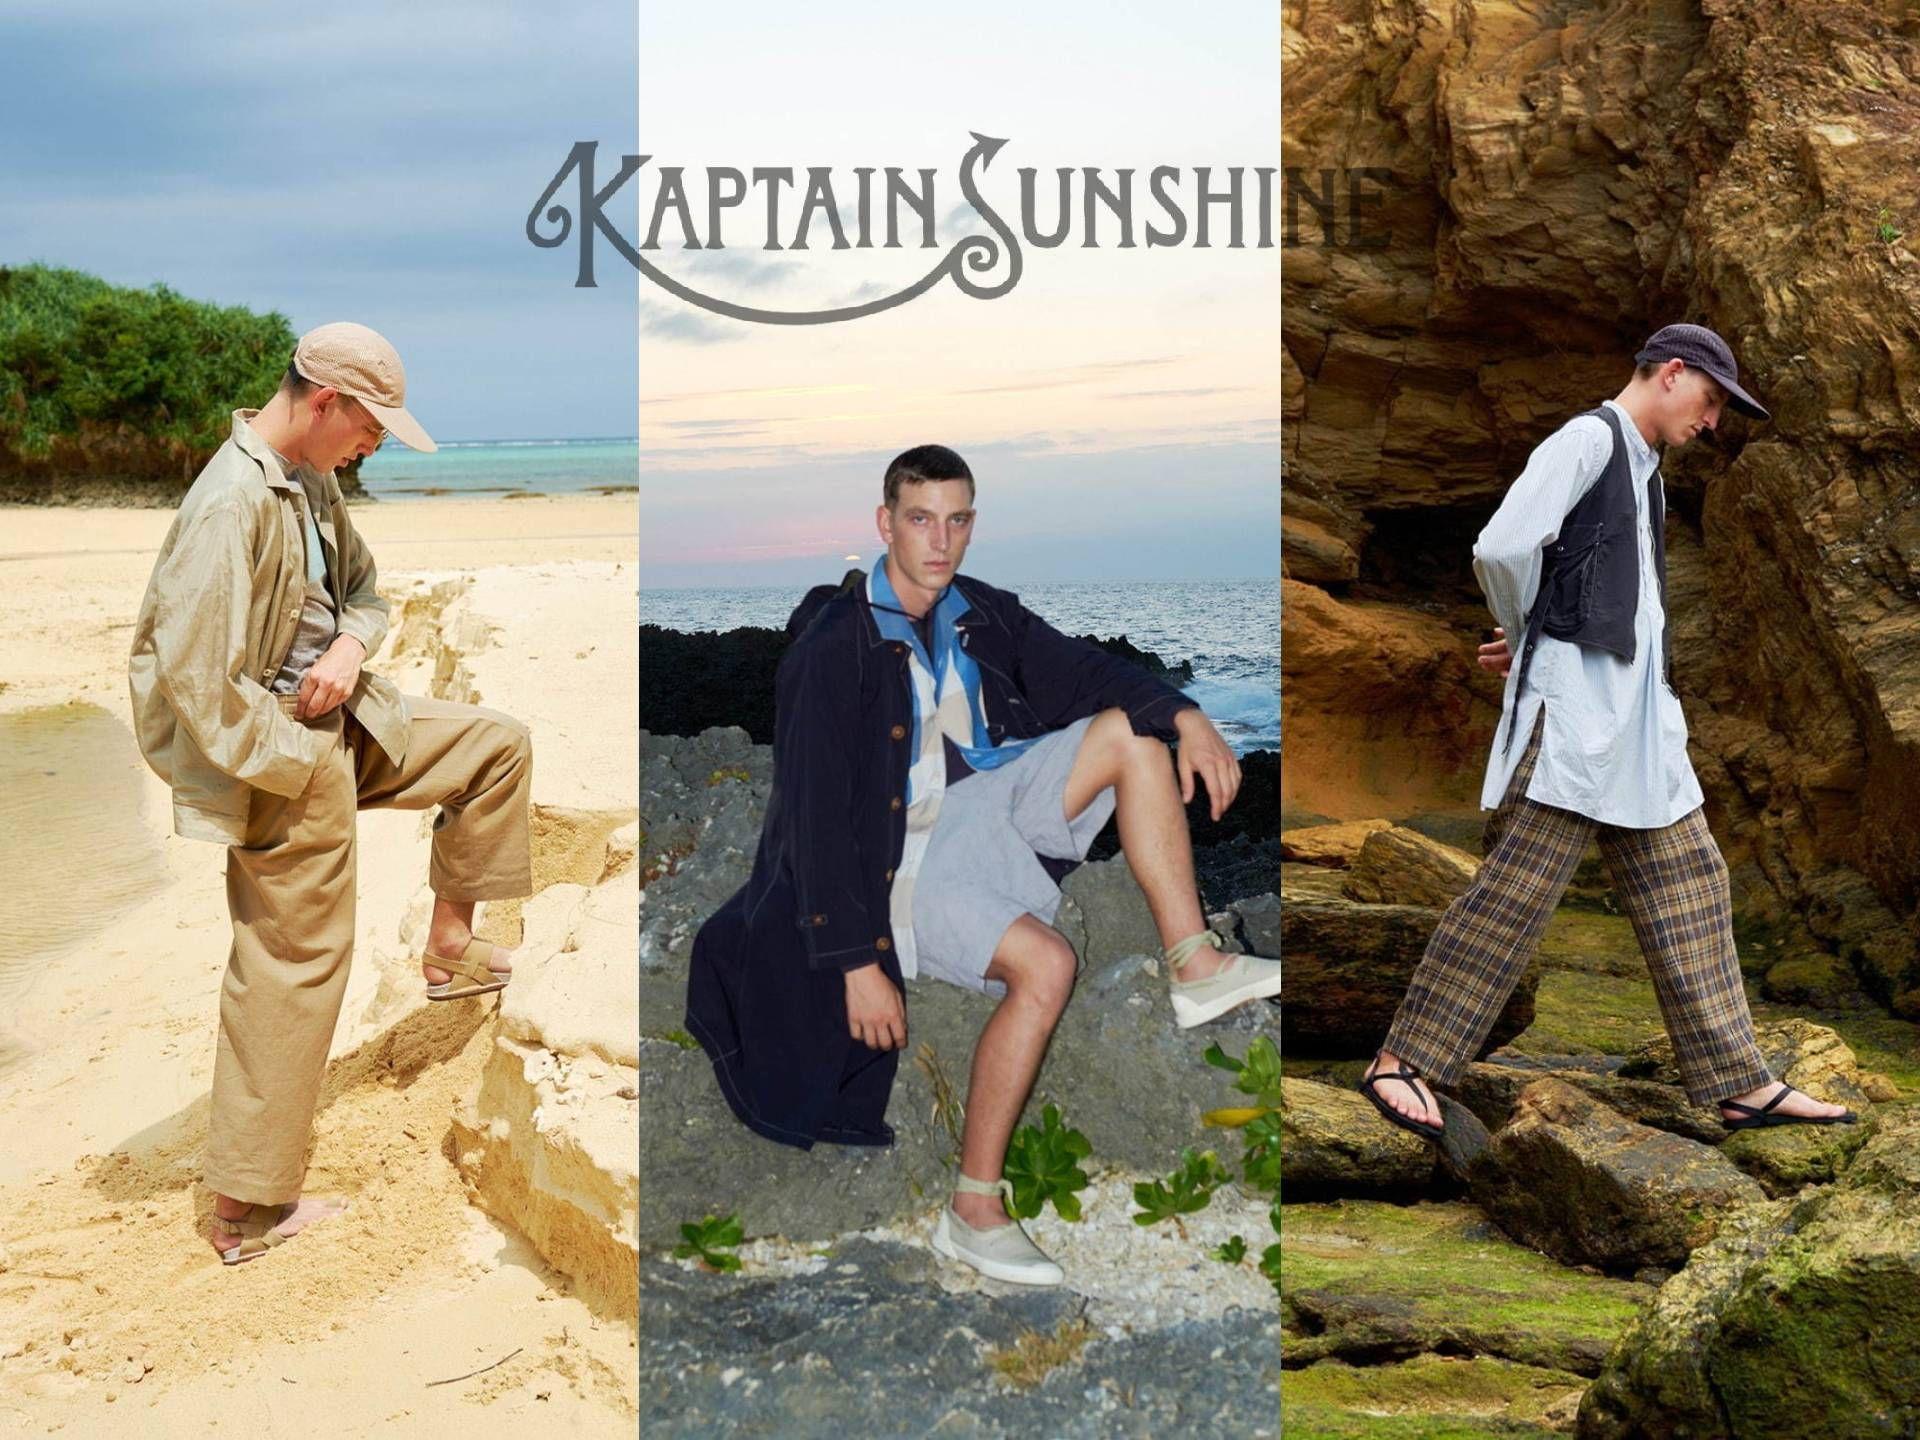 KAPTAIN SUNSHINE(キャプテンサンシャイン)